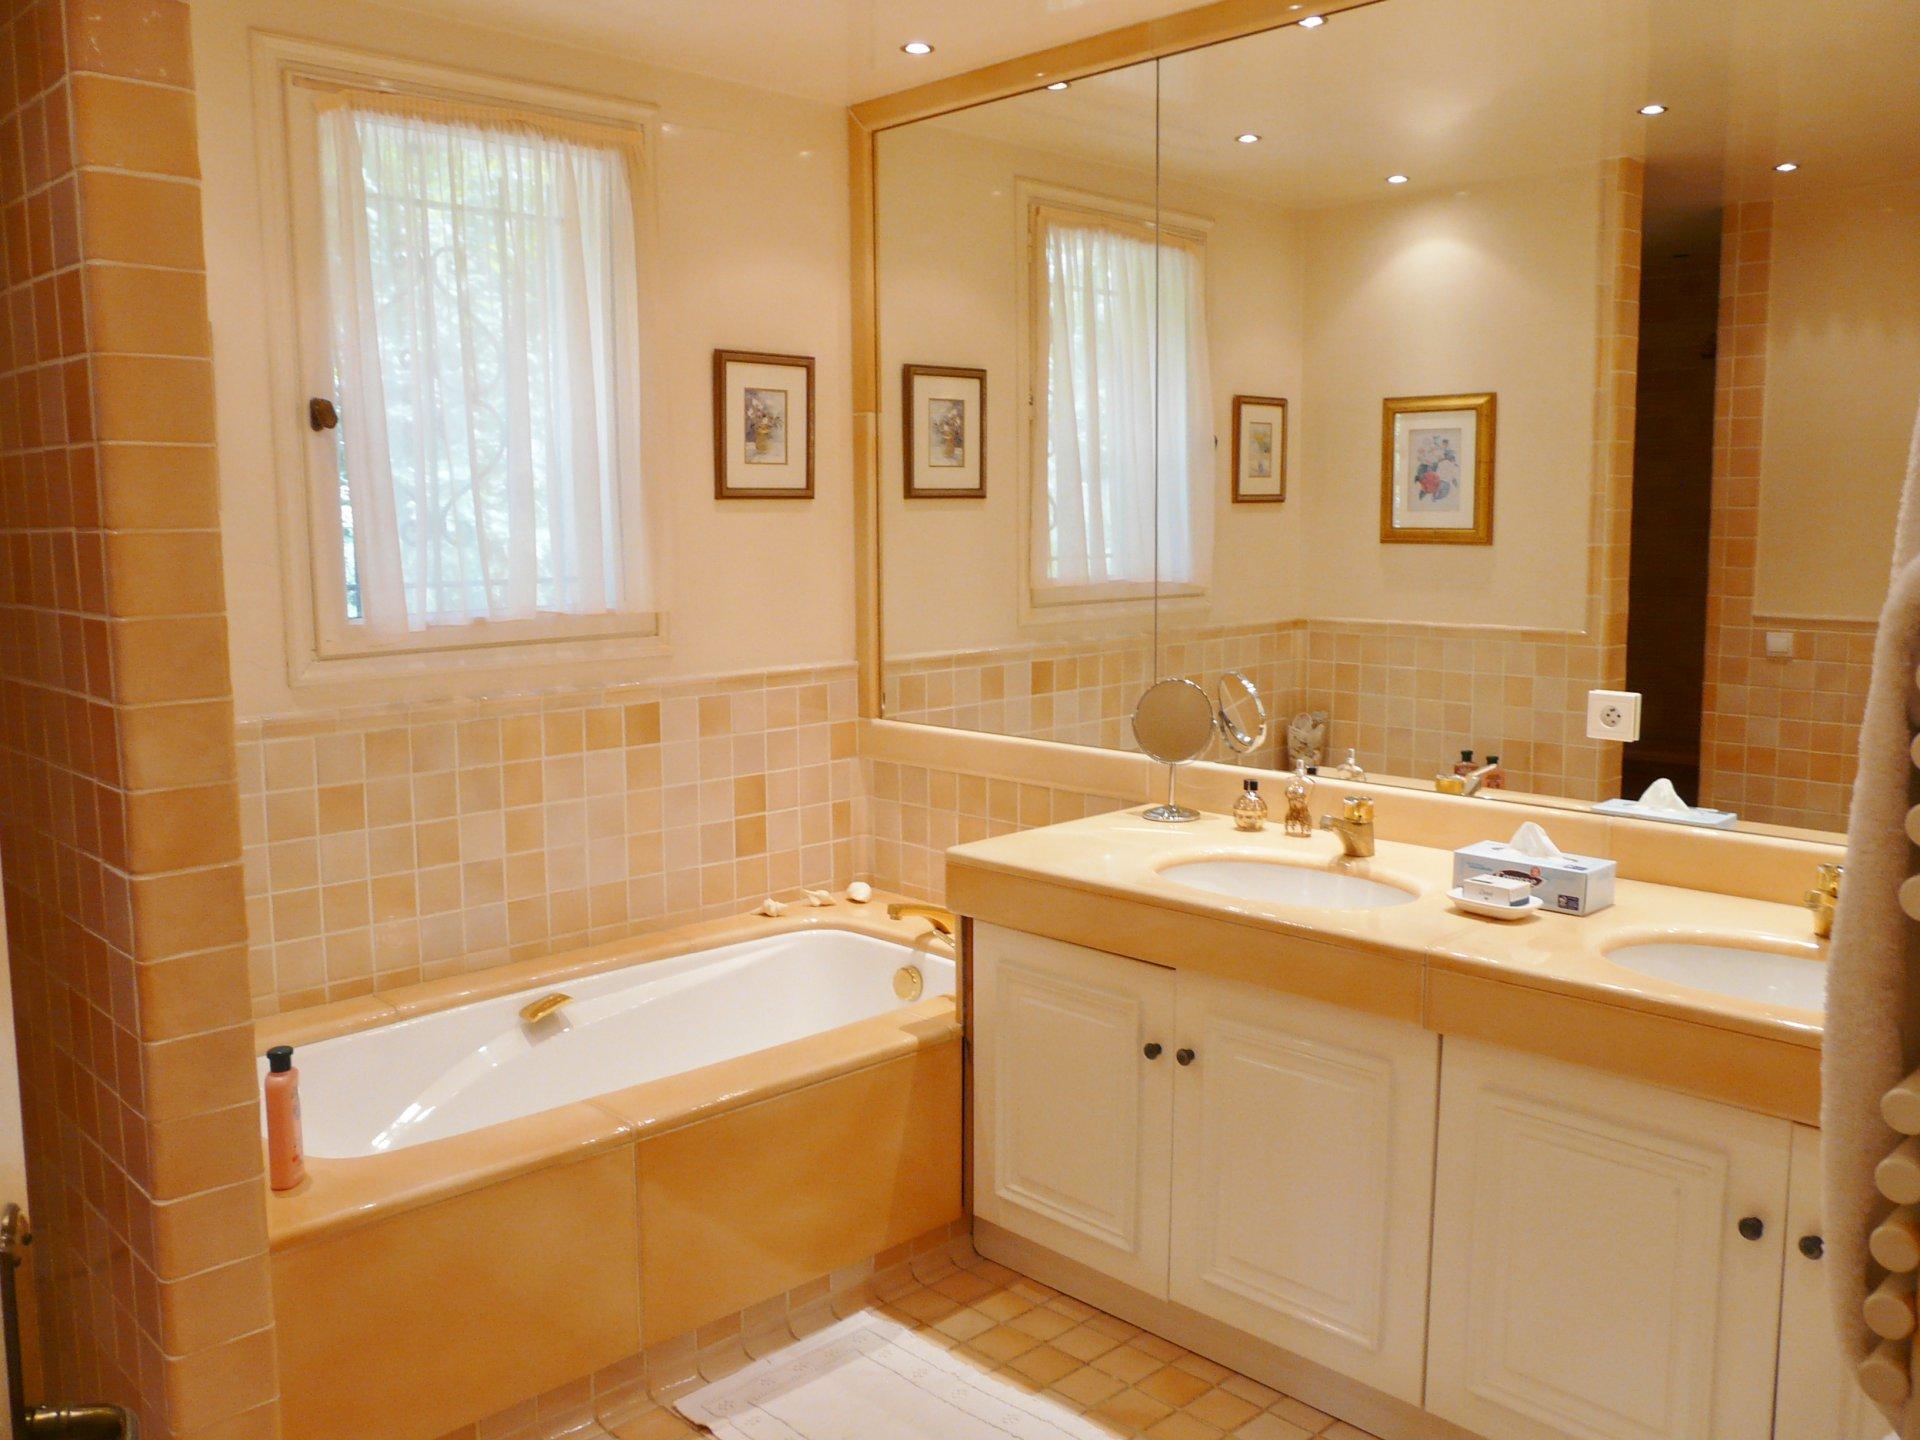 Bathroom, natural light, tile